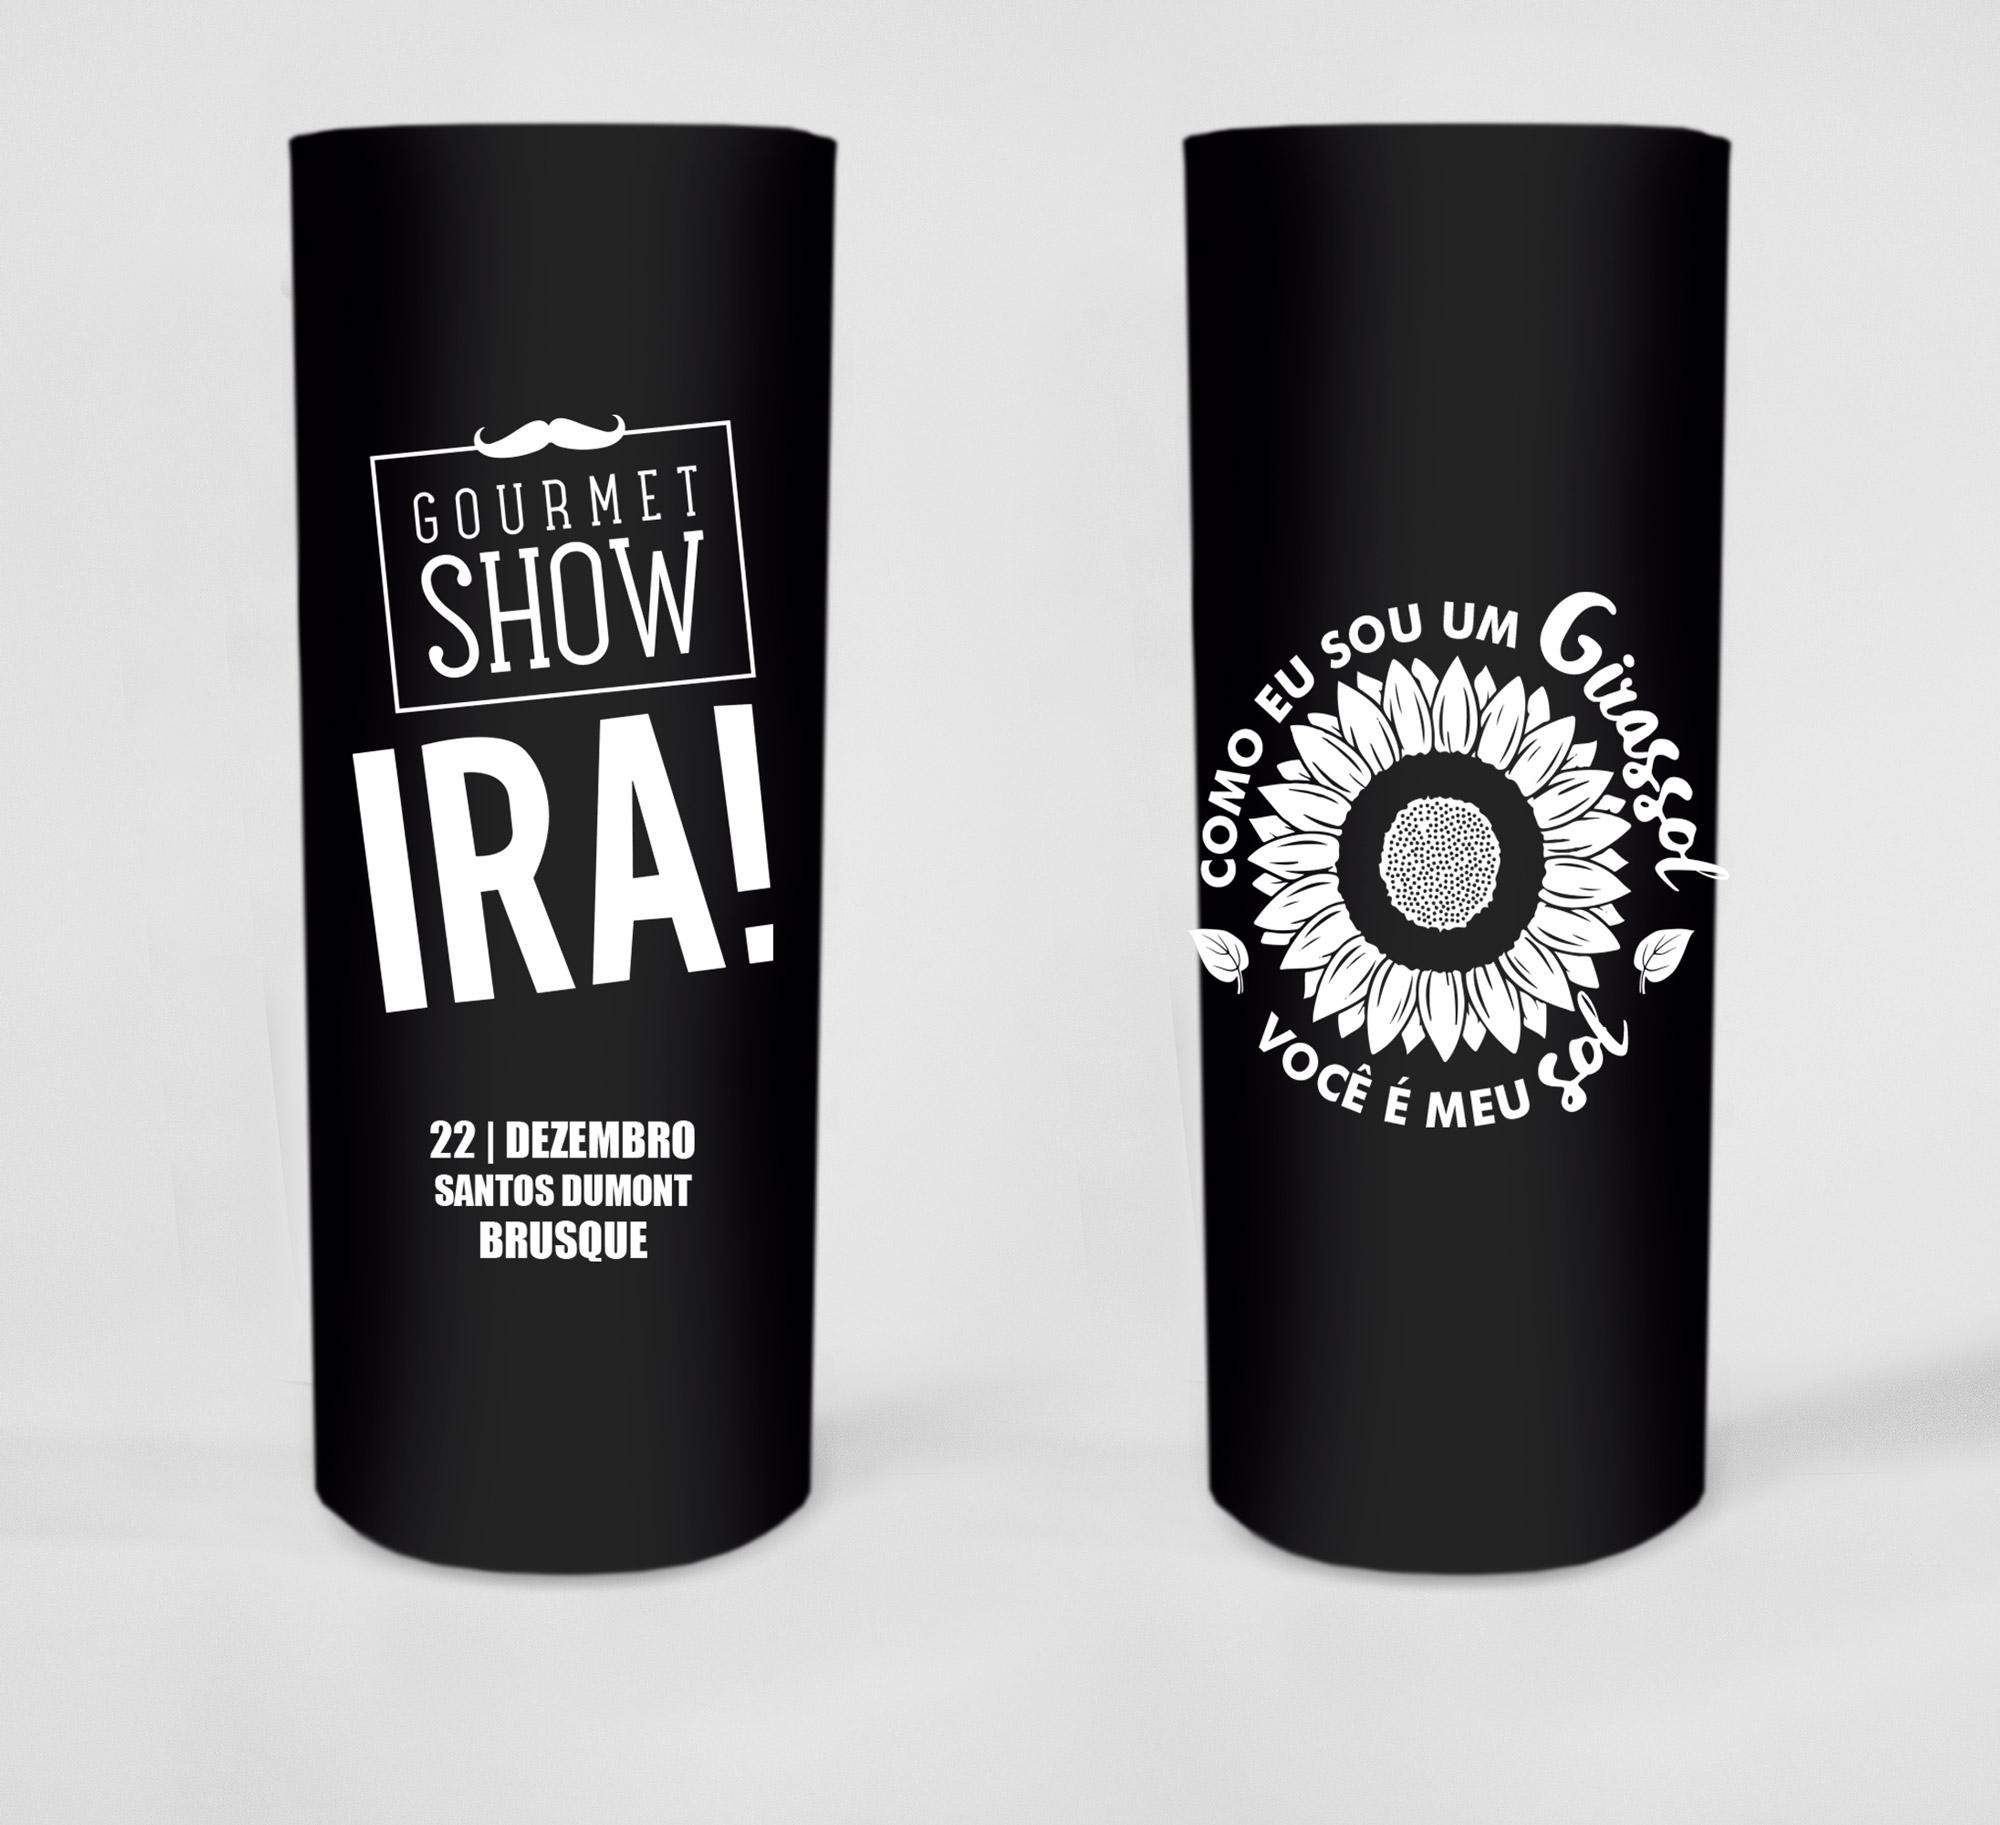 copo_gourmet_show_ira_publicidade_agencia_maisq_1